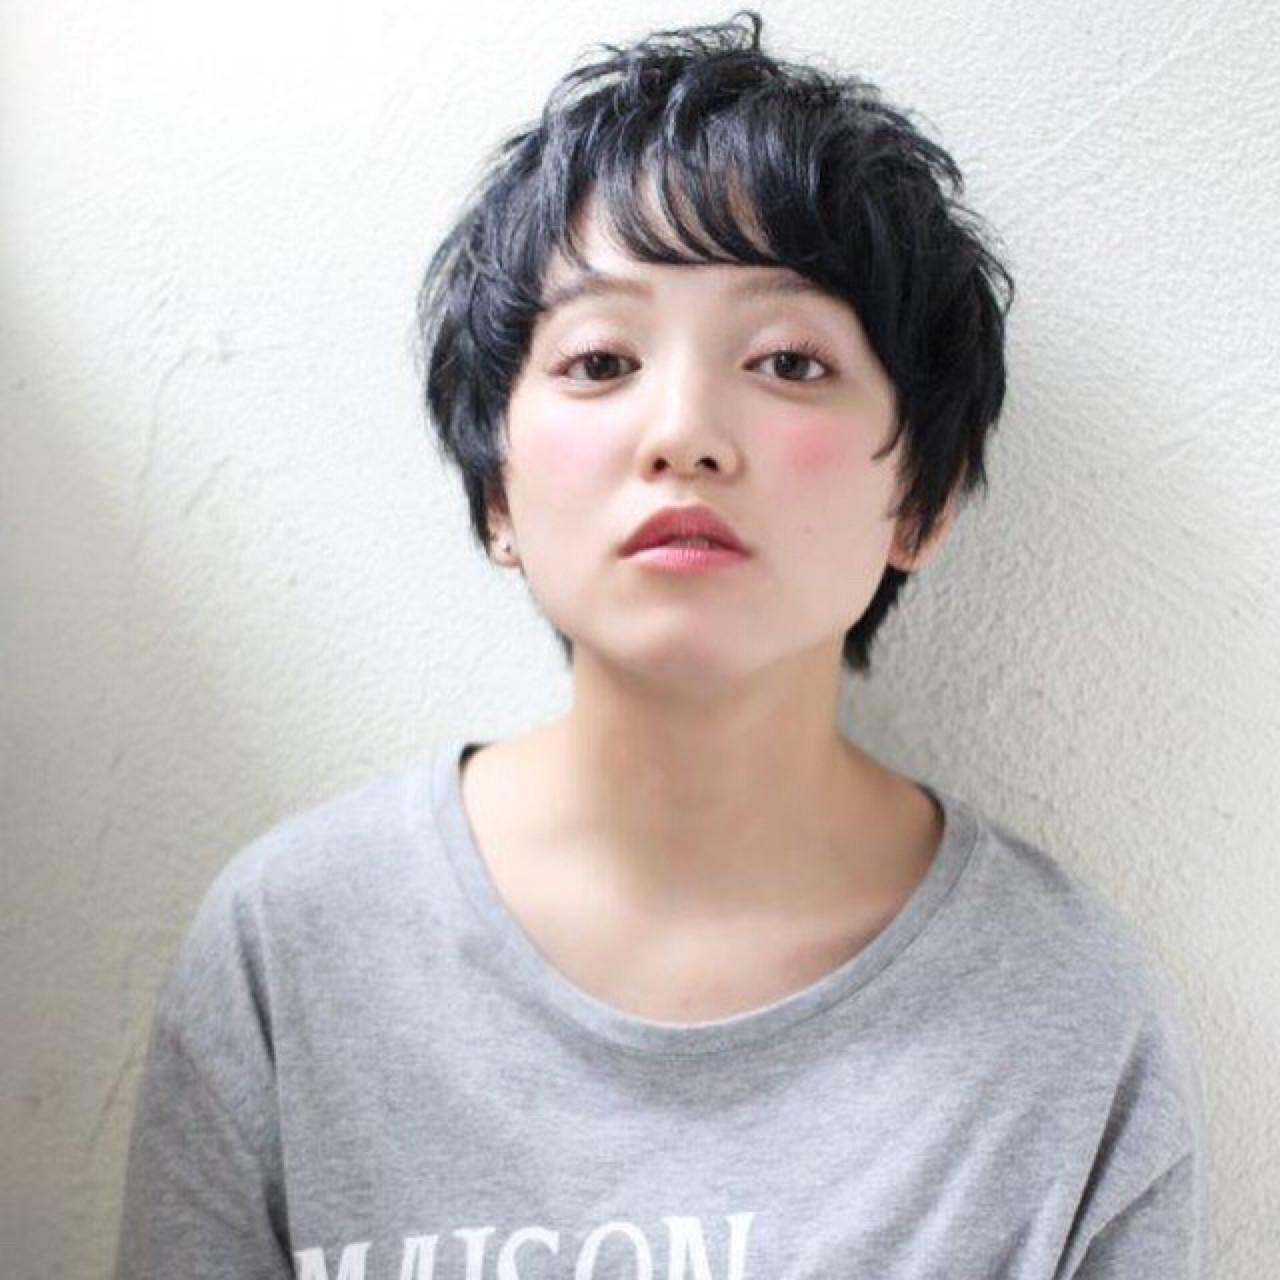 【スタイル特集】印象派美人になれる髪型=黒髪ショート×パーマスタイル? 増永 剛大/Un ami